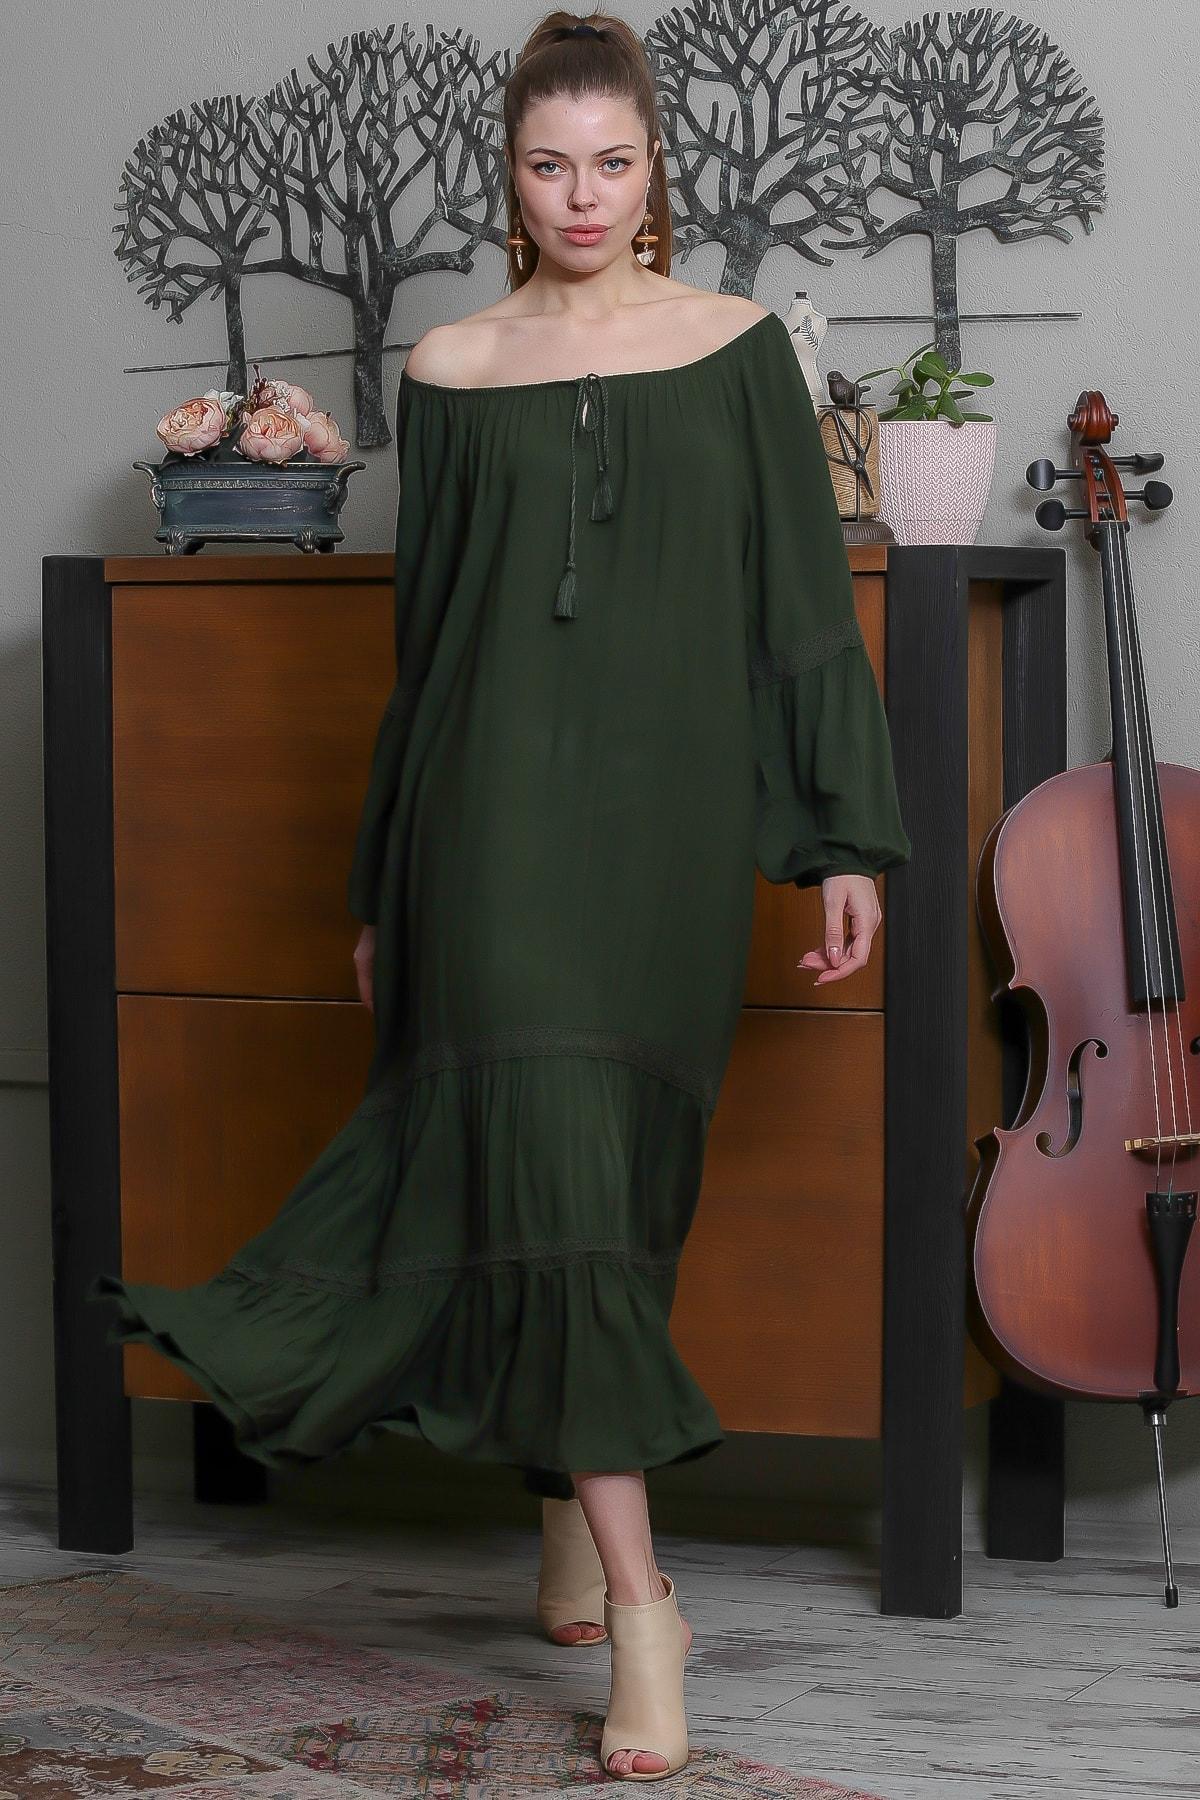 Chiccy Kadın Yeşil Carmen Yaka Püskül Bağcıklı Salaş Elbise M10160000EL95523 3